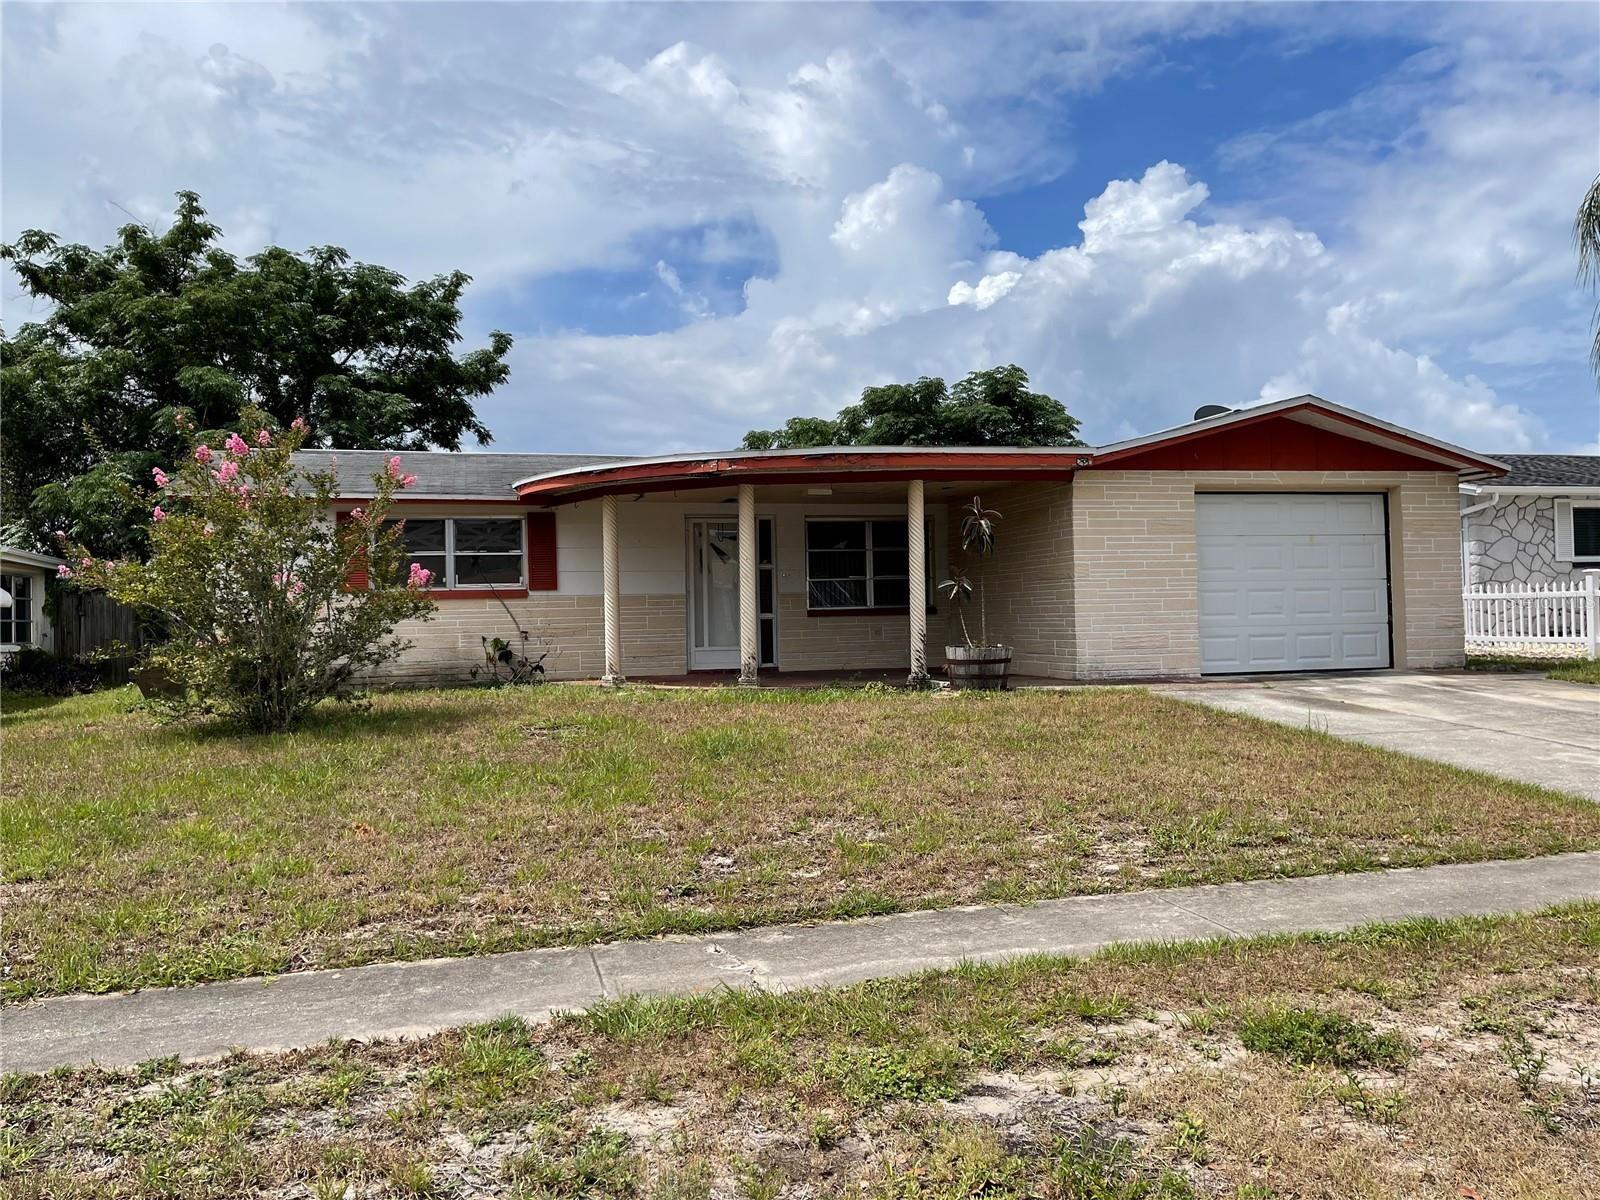 6152 7TH AVENUE, New Port Richey, FL 34653 - #: U8125972